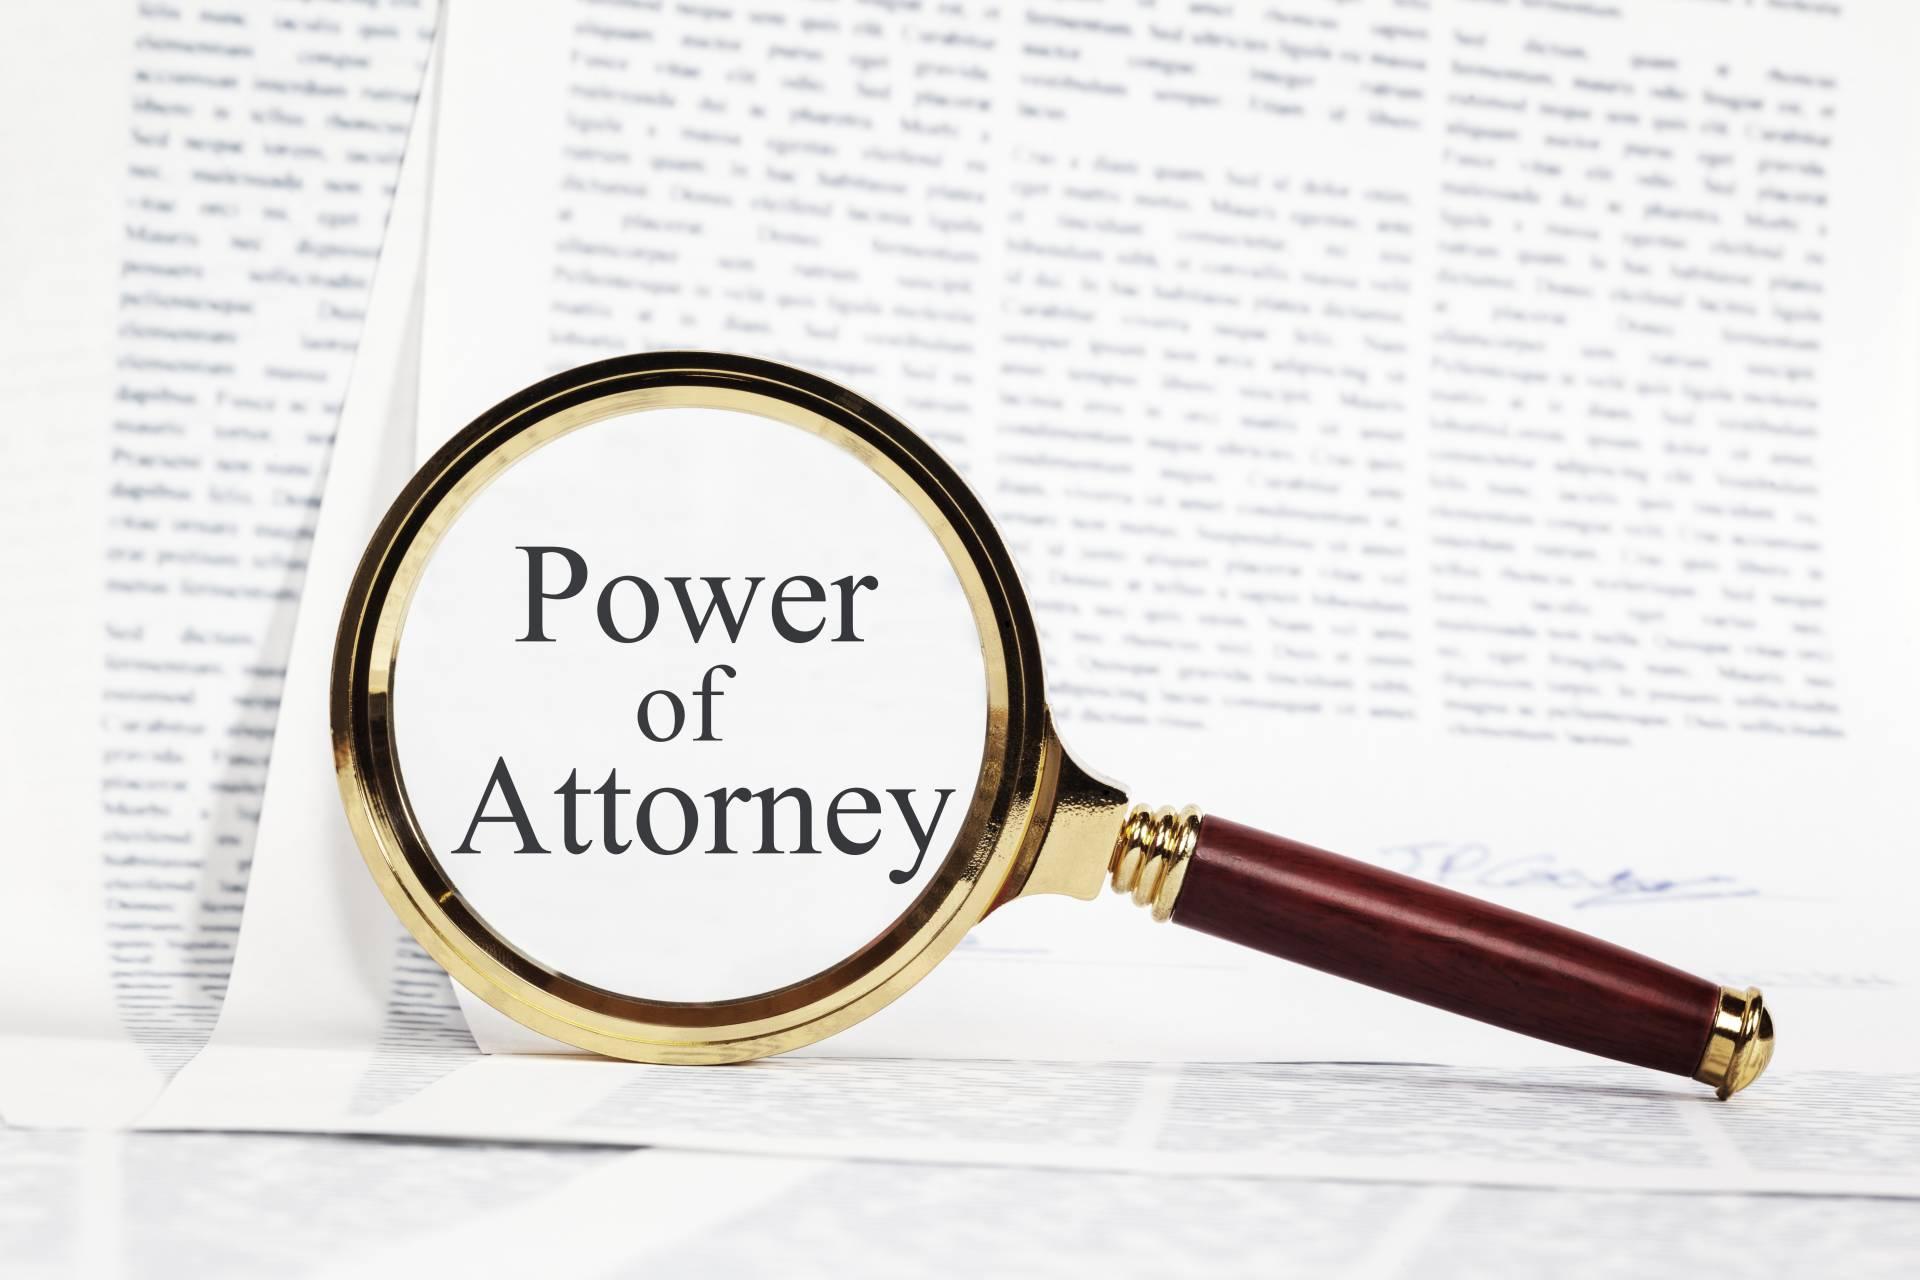 estate planning lawyer Utah